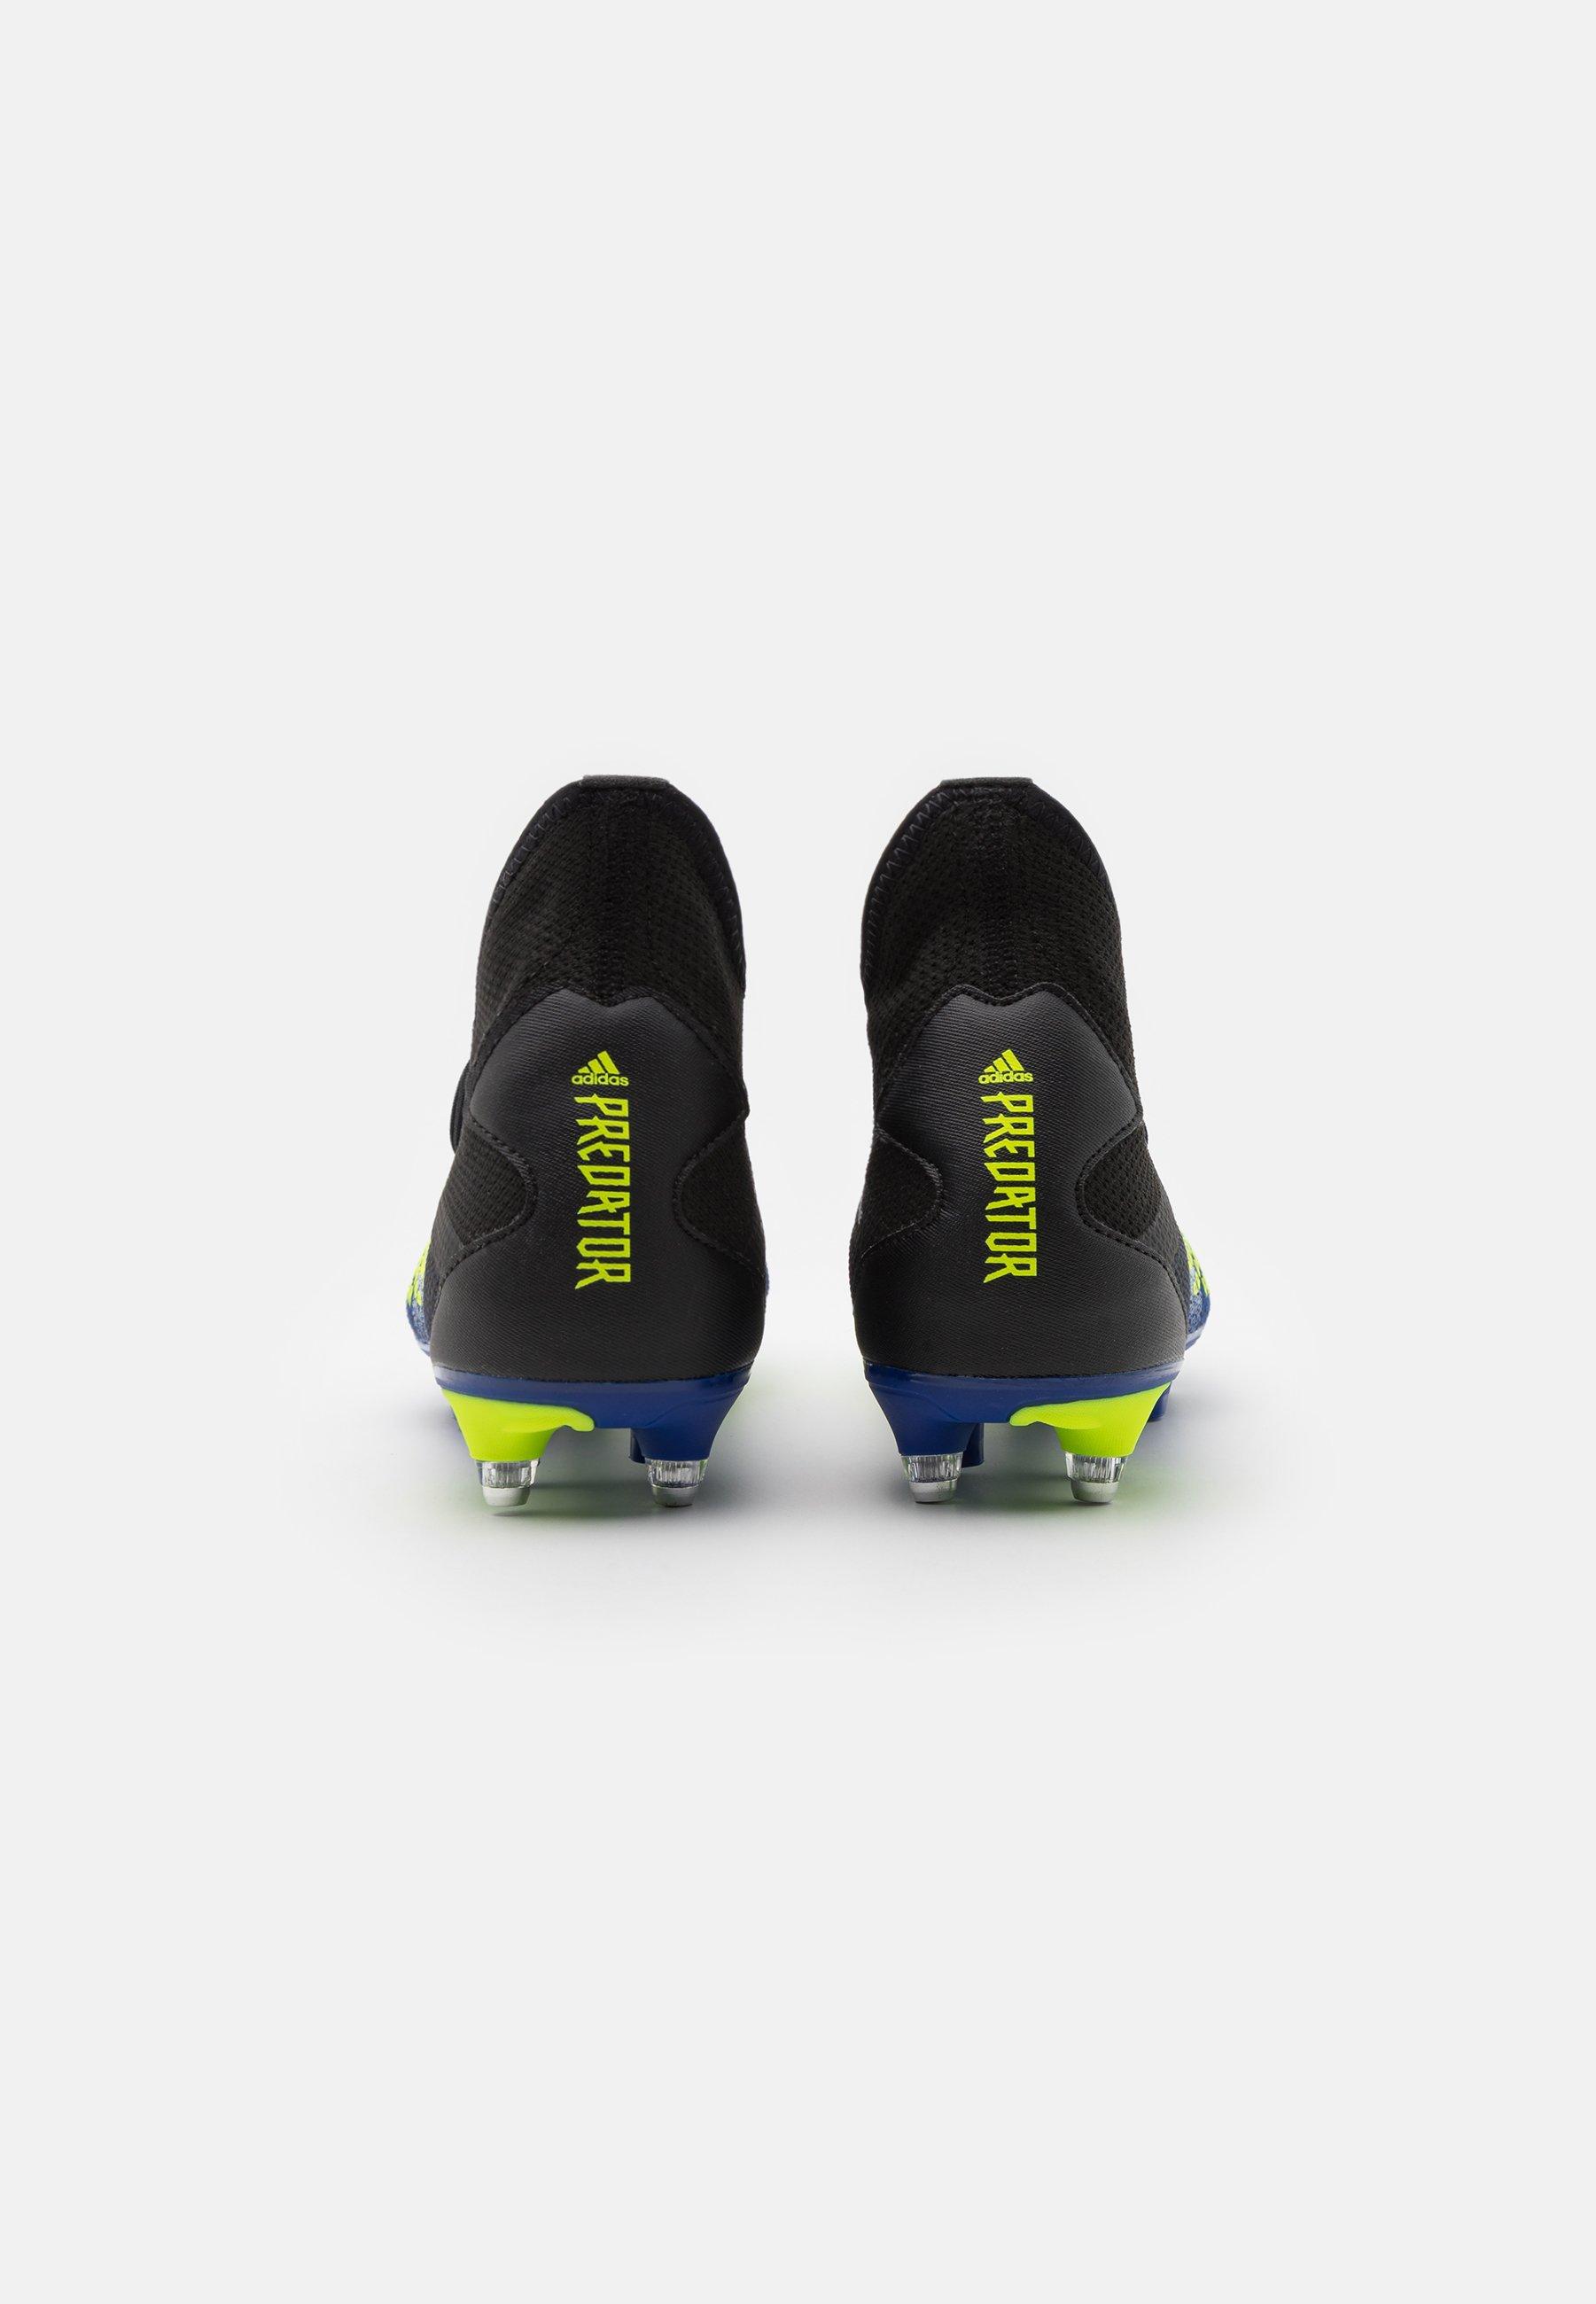 Homme PREDATOR FREAK .3 SG - Chaussures de foot à lamelles